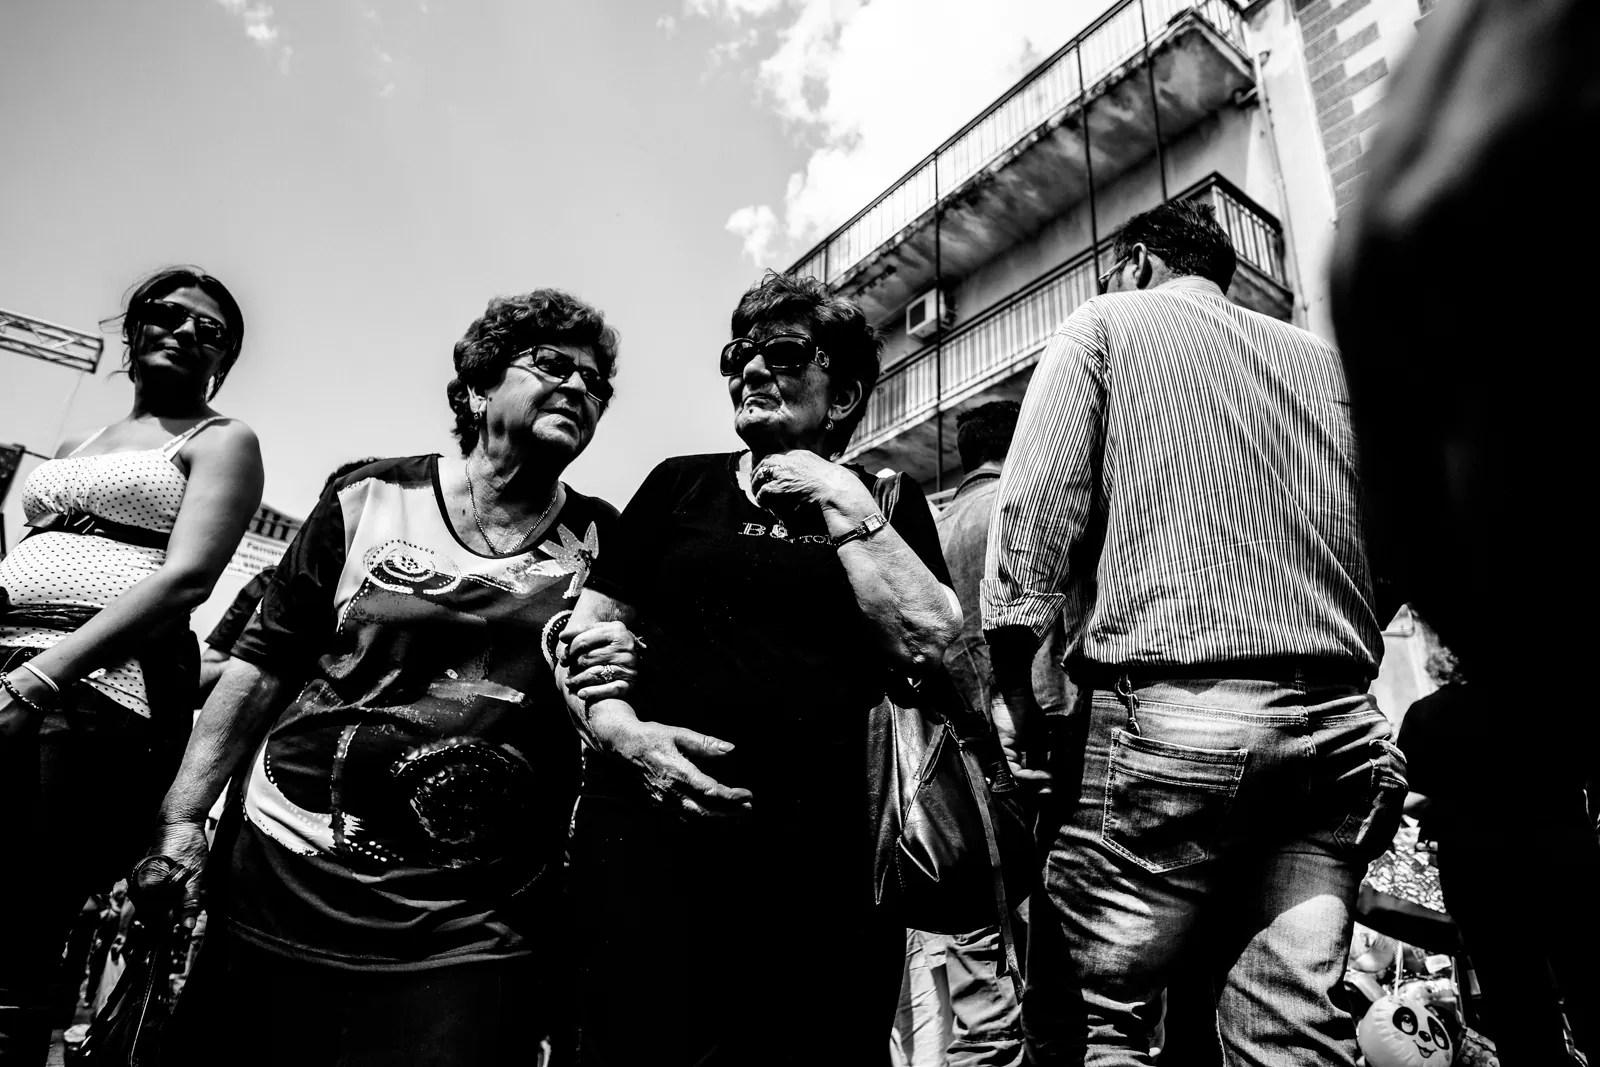 DSCF0696 - Un Giorno di festa - Sagra a Maletto [Street Photography] - fotostreet.it